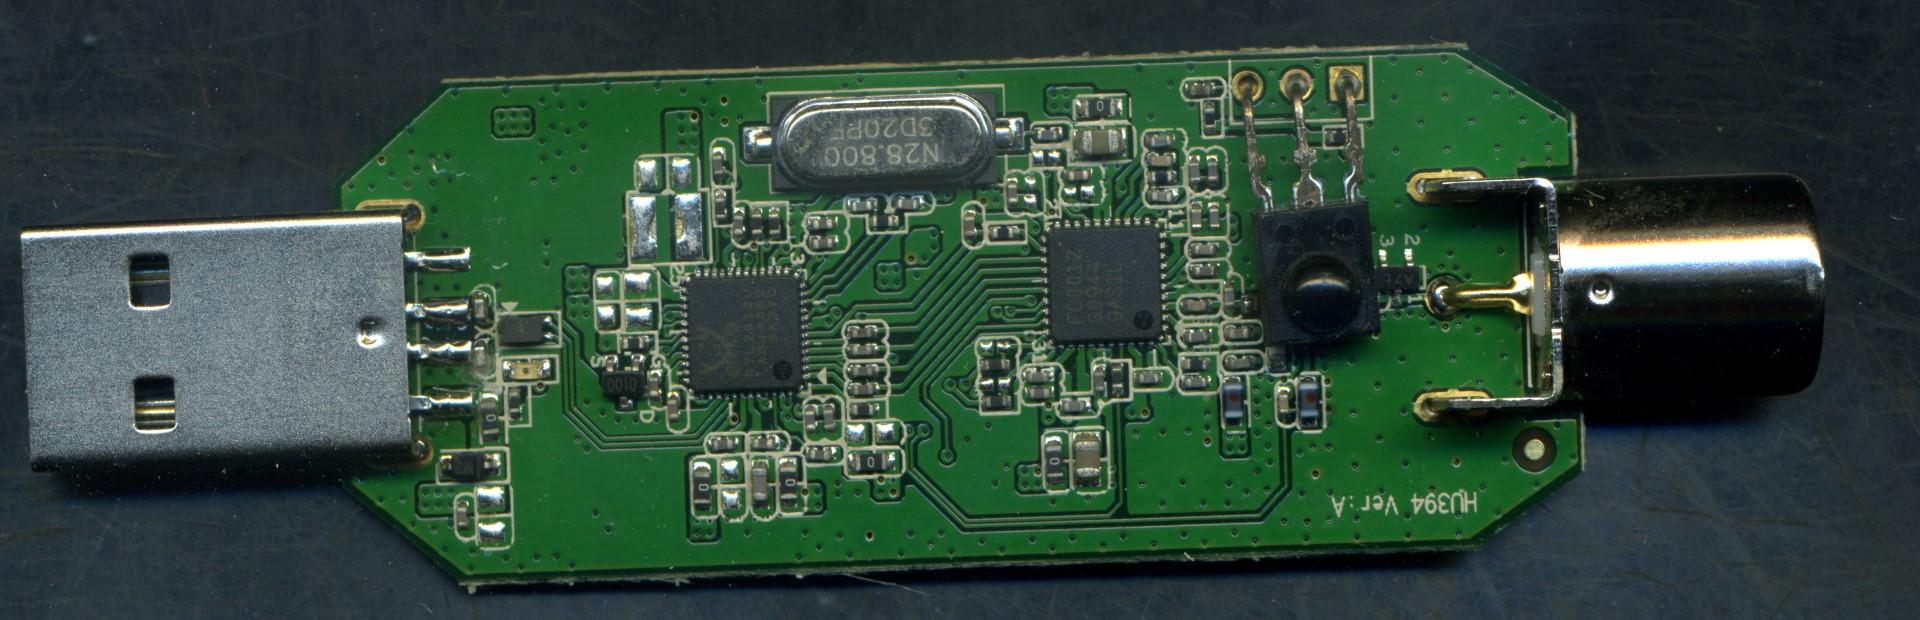 Peak_DVB01 (Large).jpg